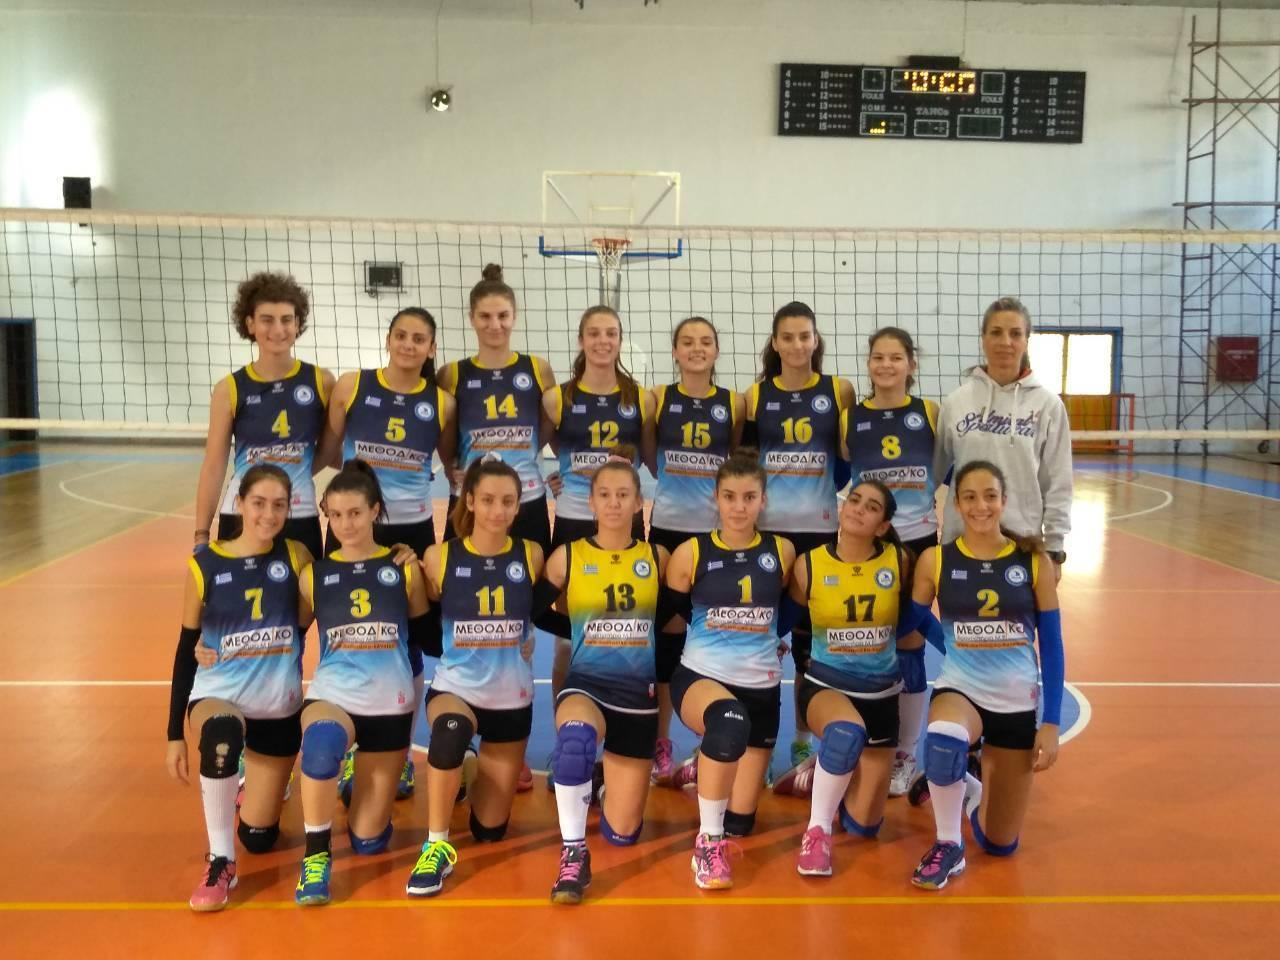 Οι κορασίδες του Α.Ο Καβάλα κατέκτησαν την 3η θέση στο Final-4 της Αλεξανδρούπολης